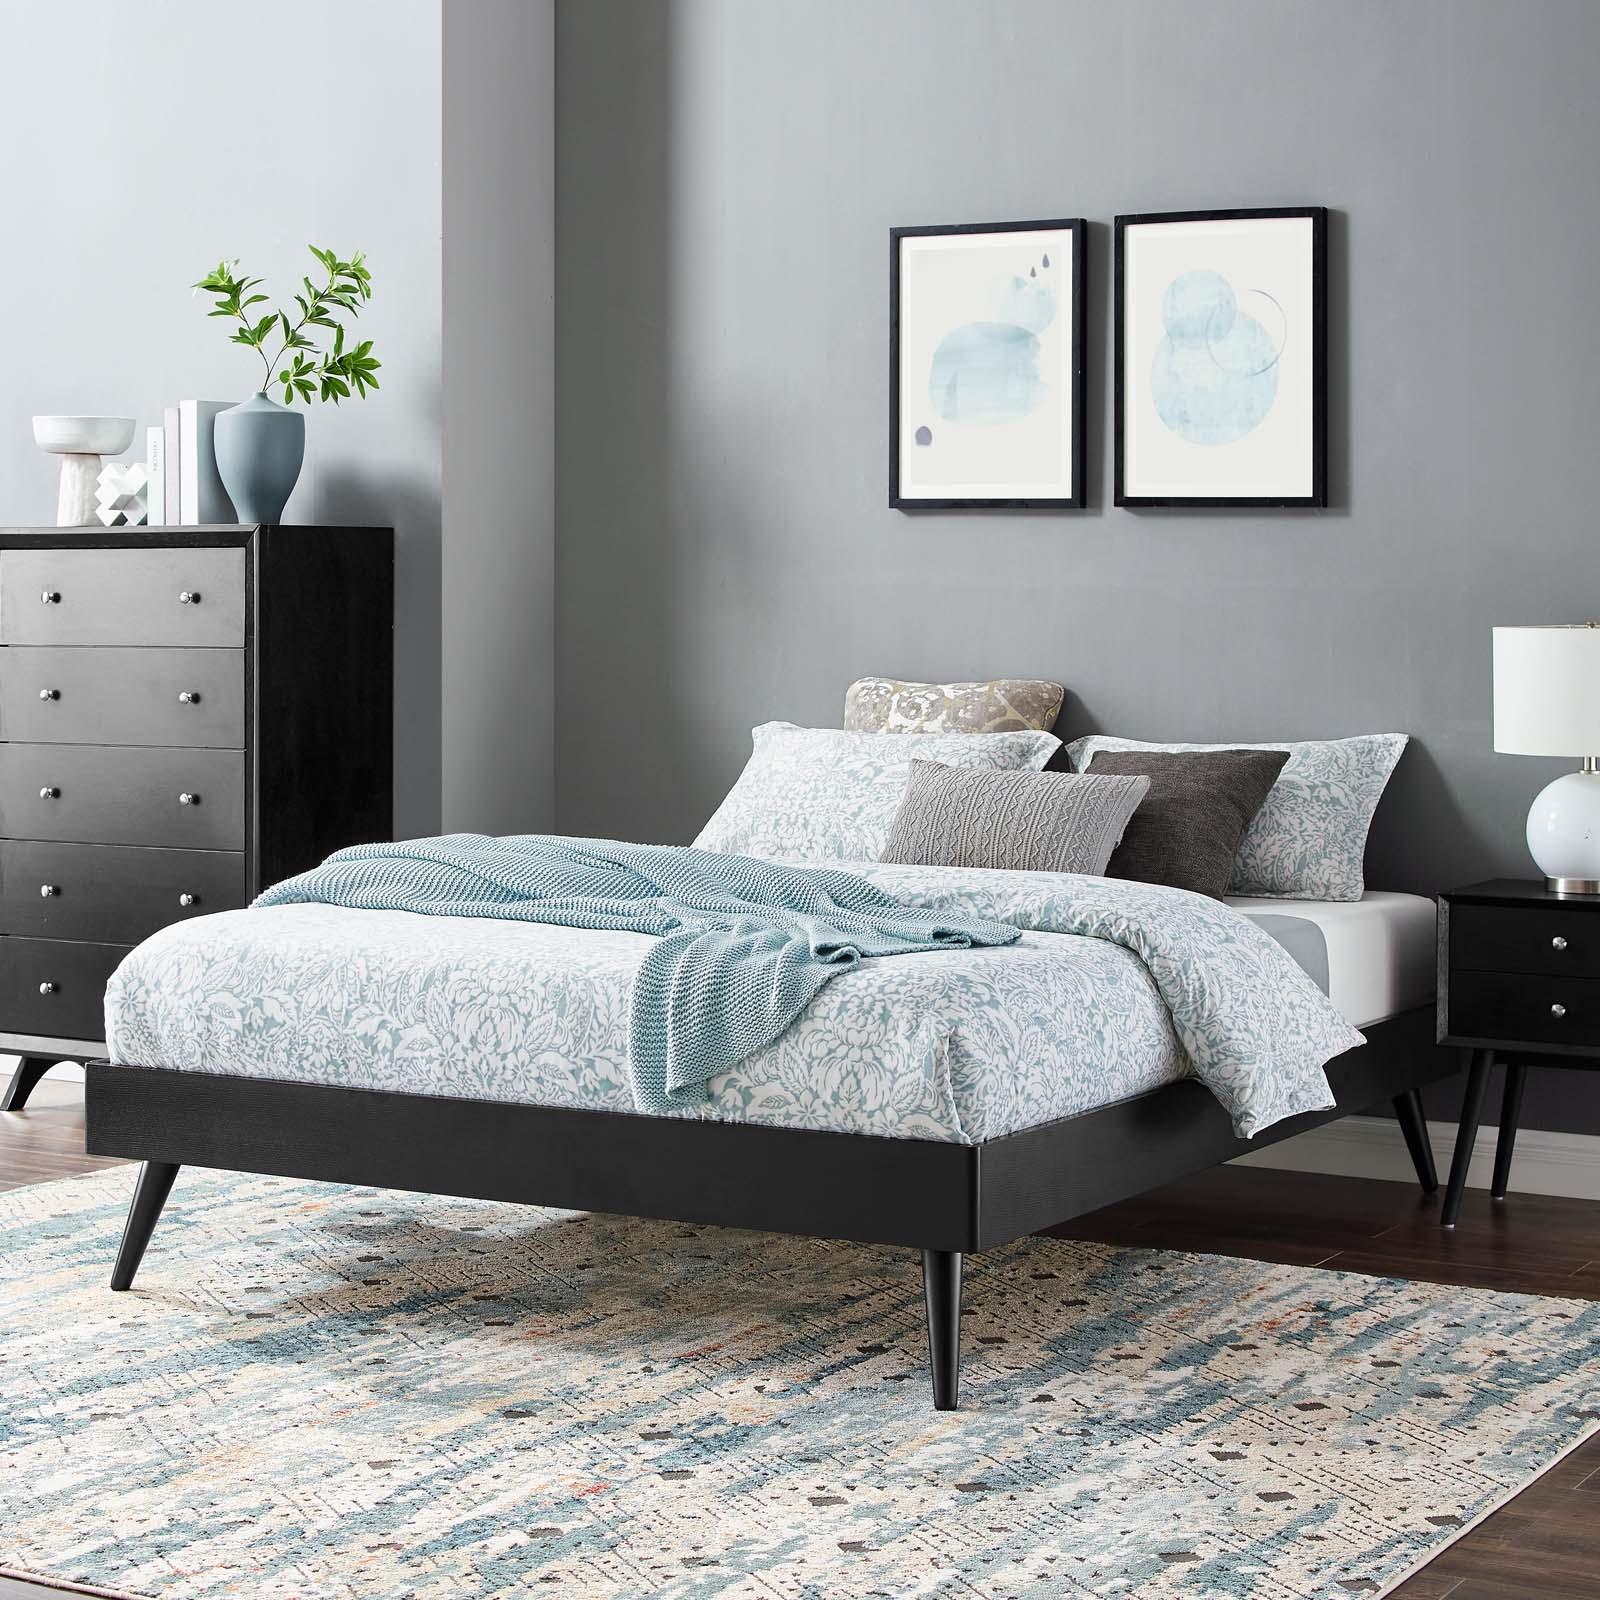 Margo Twin Wood Platform Bed Frame in Black